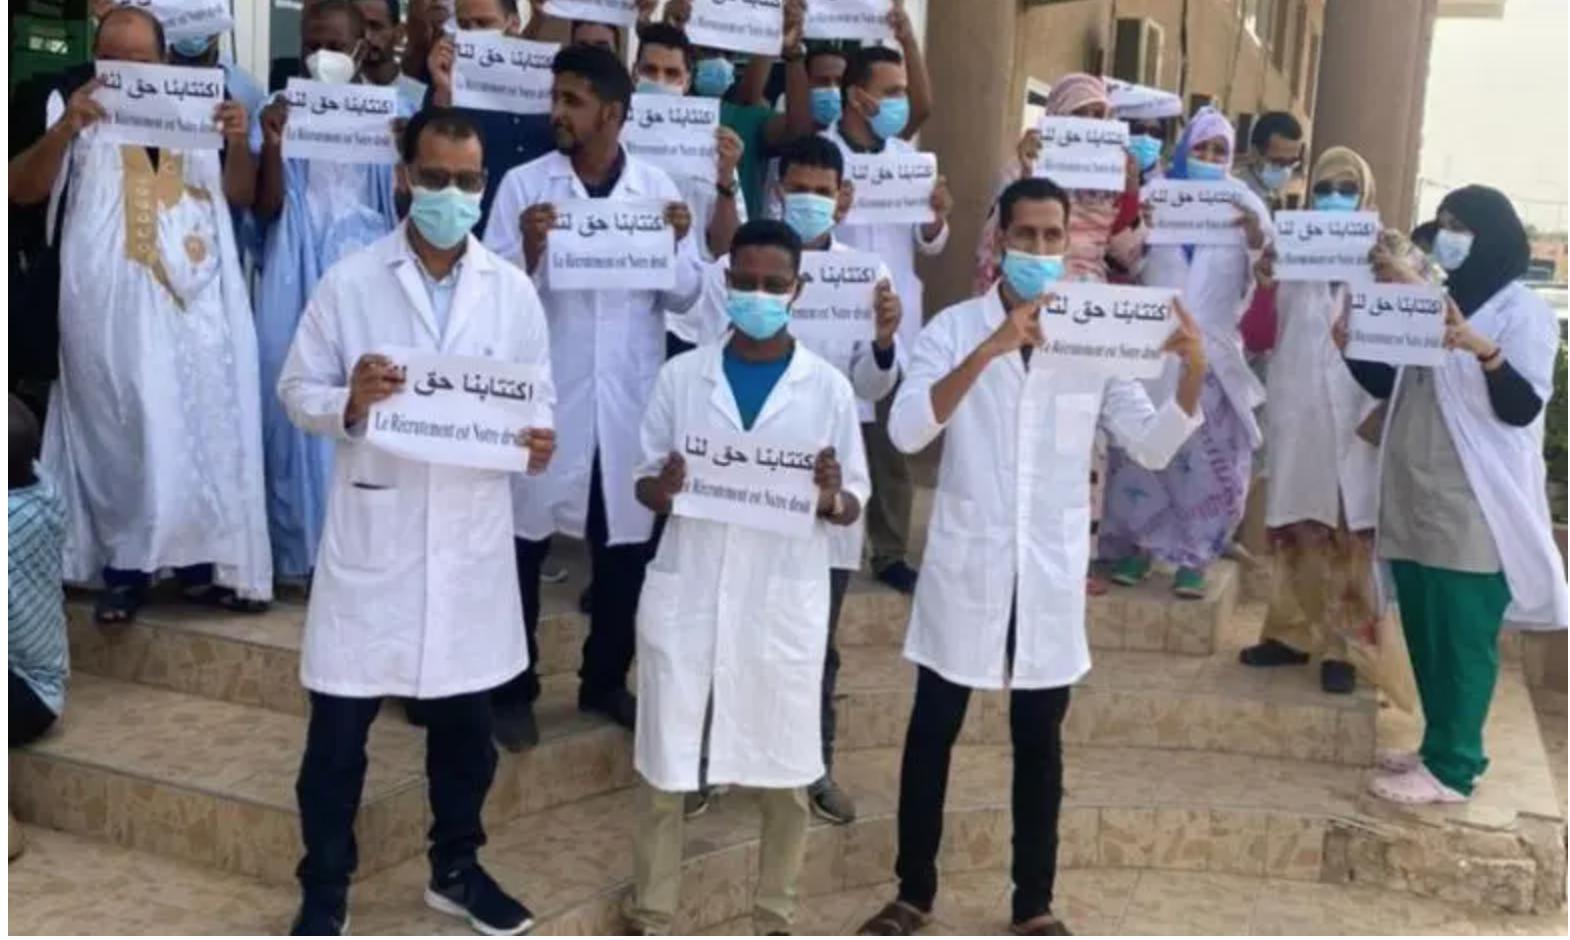 Des médecins demandent leur recrutement et dénoncent le travail de la commission nationale des concours